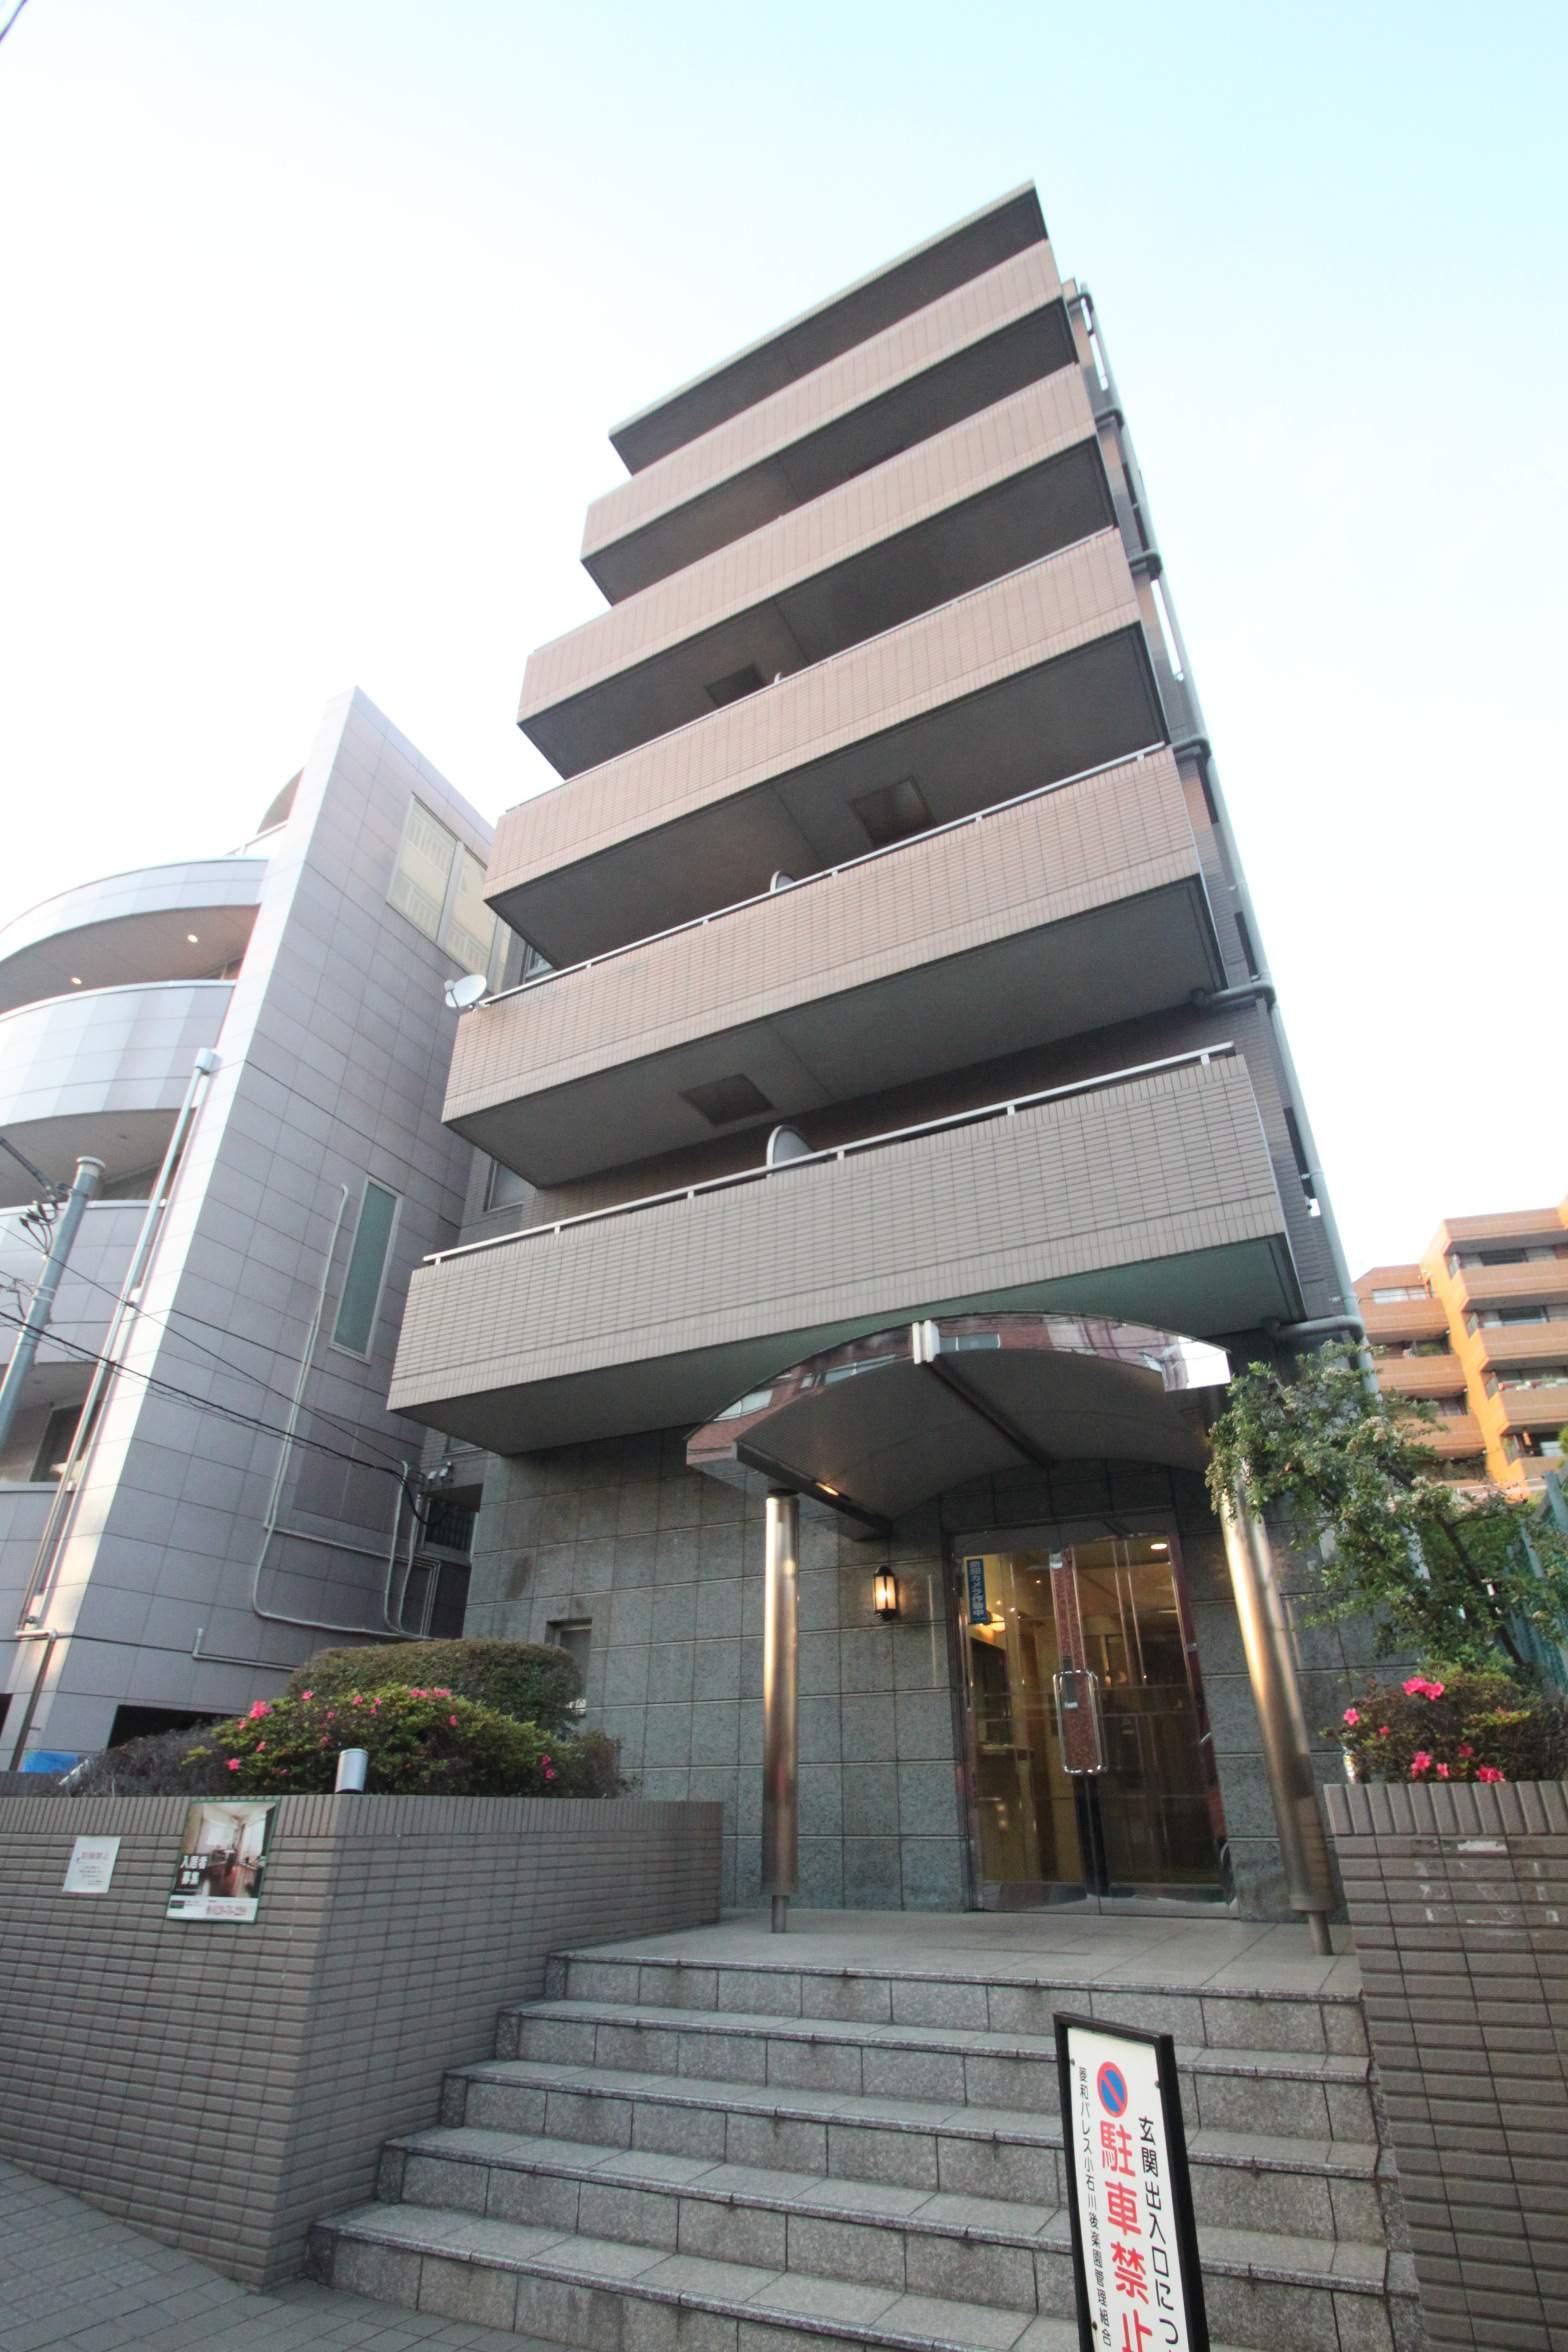 東京都文京区、後楽園駅徒歩9分の築17年 6階建の賃貸マンション